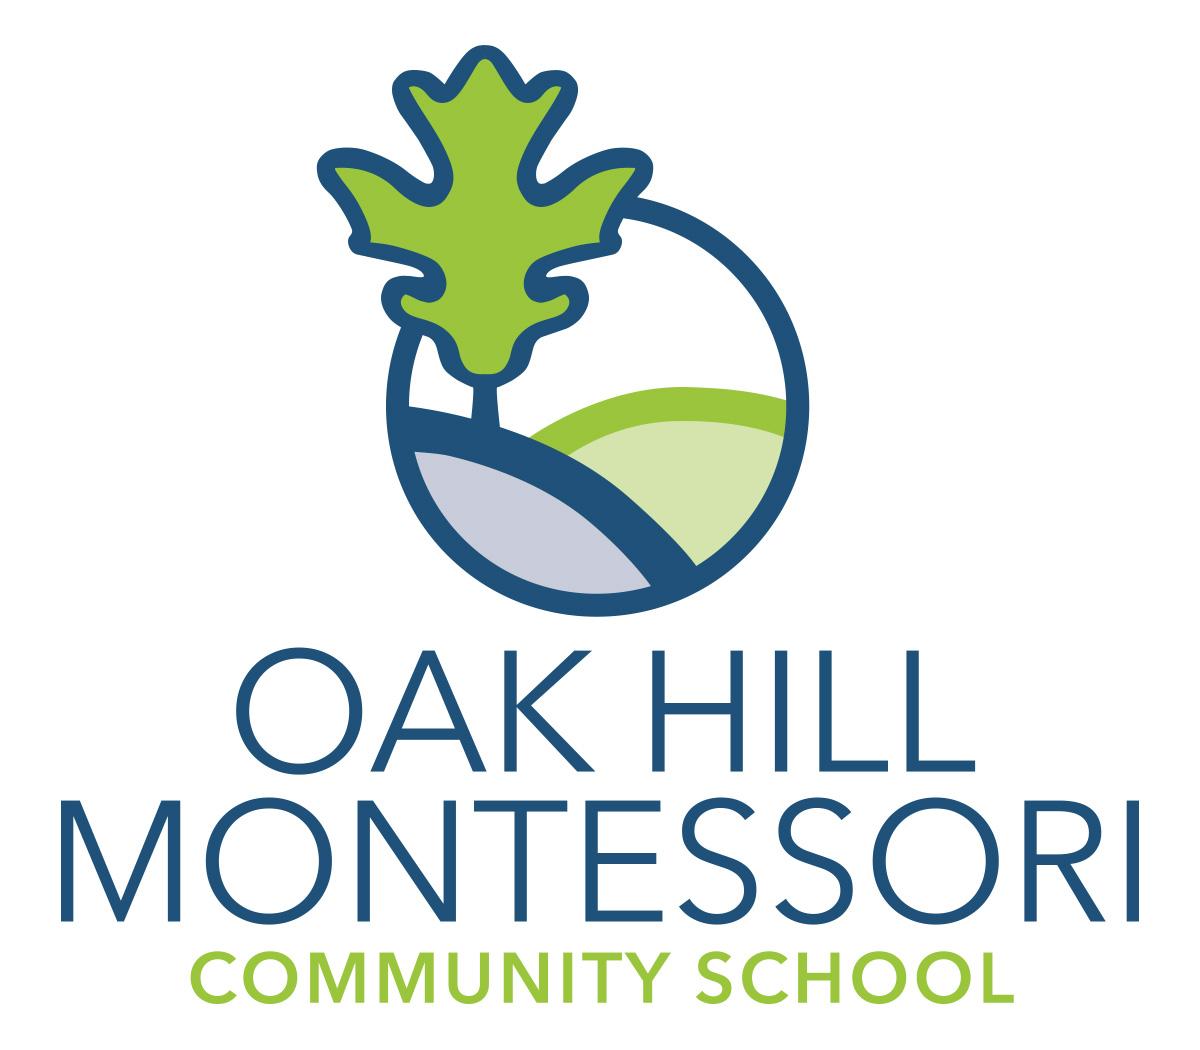 Oak Hill Montessori Community School